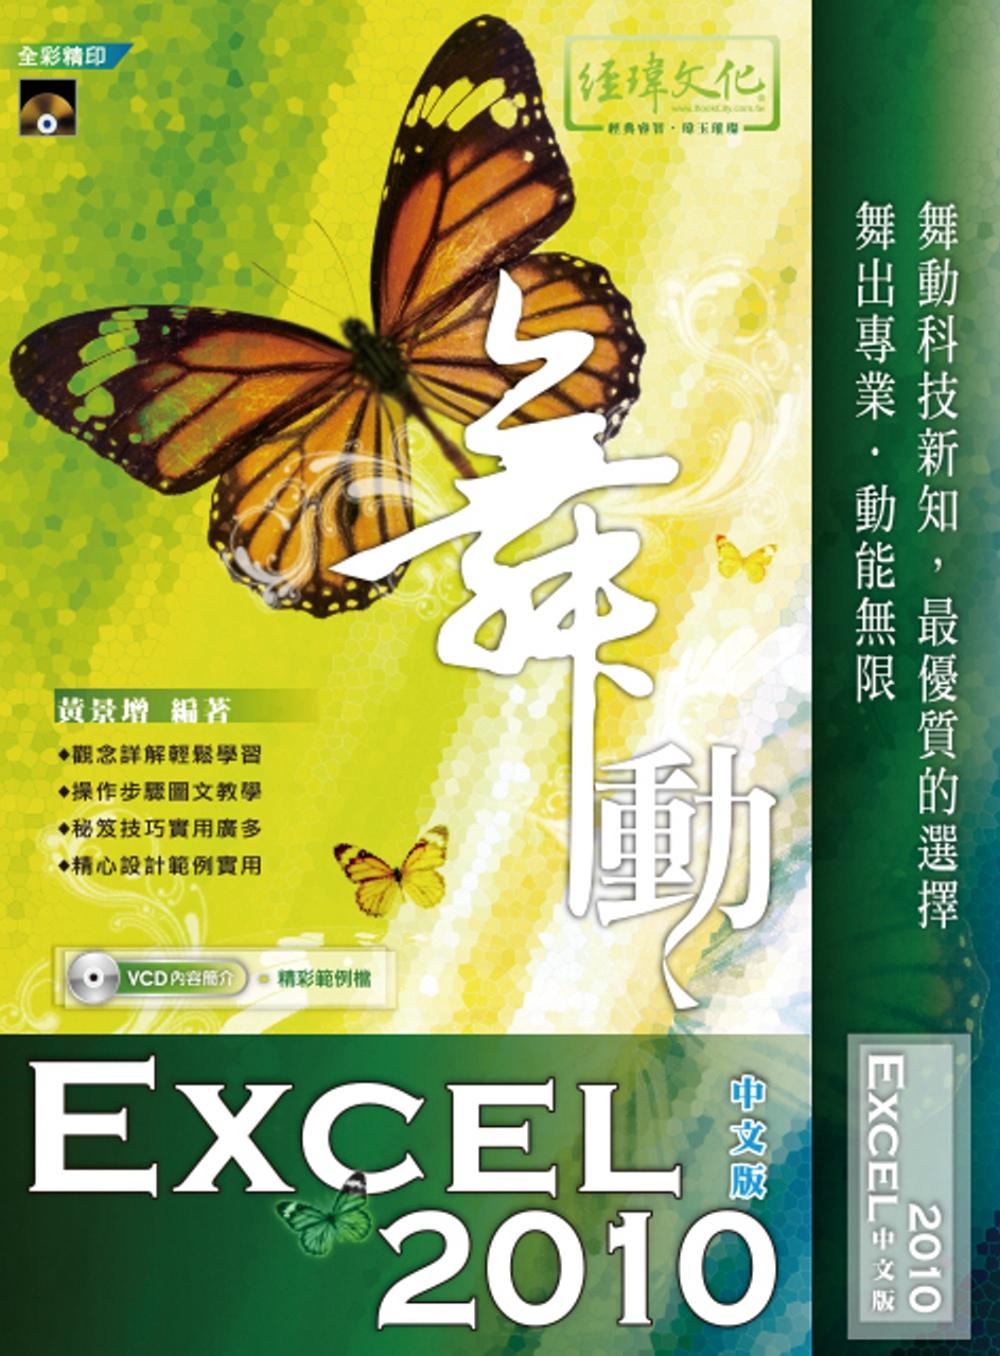 《舞動 Excel 2010 中文版(附VCD一片)》 商品條碼,ISBN:9789869409520